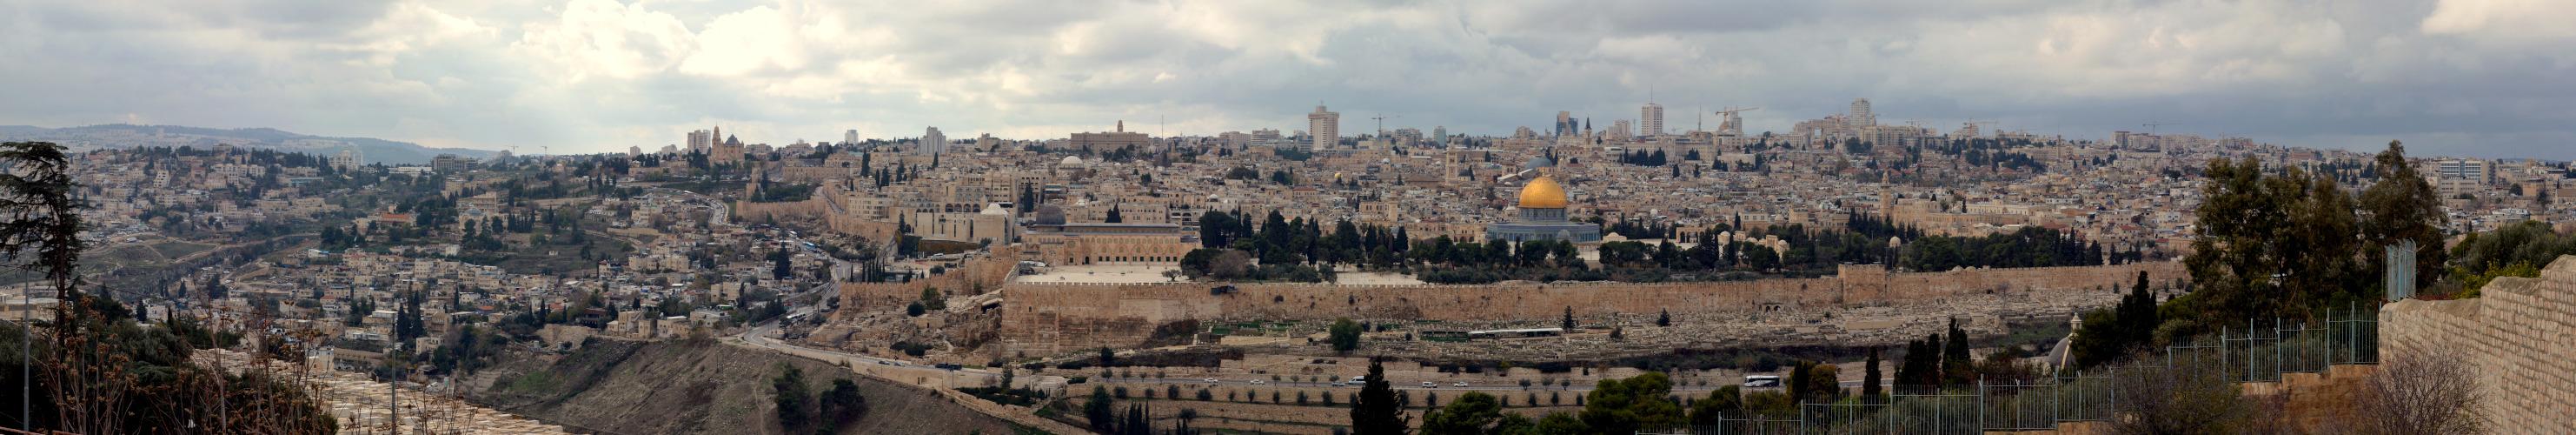 Vue sur la vielle ville et Jérusalem ouest